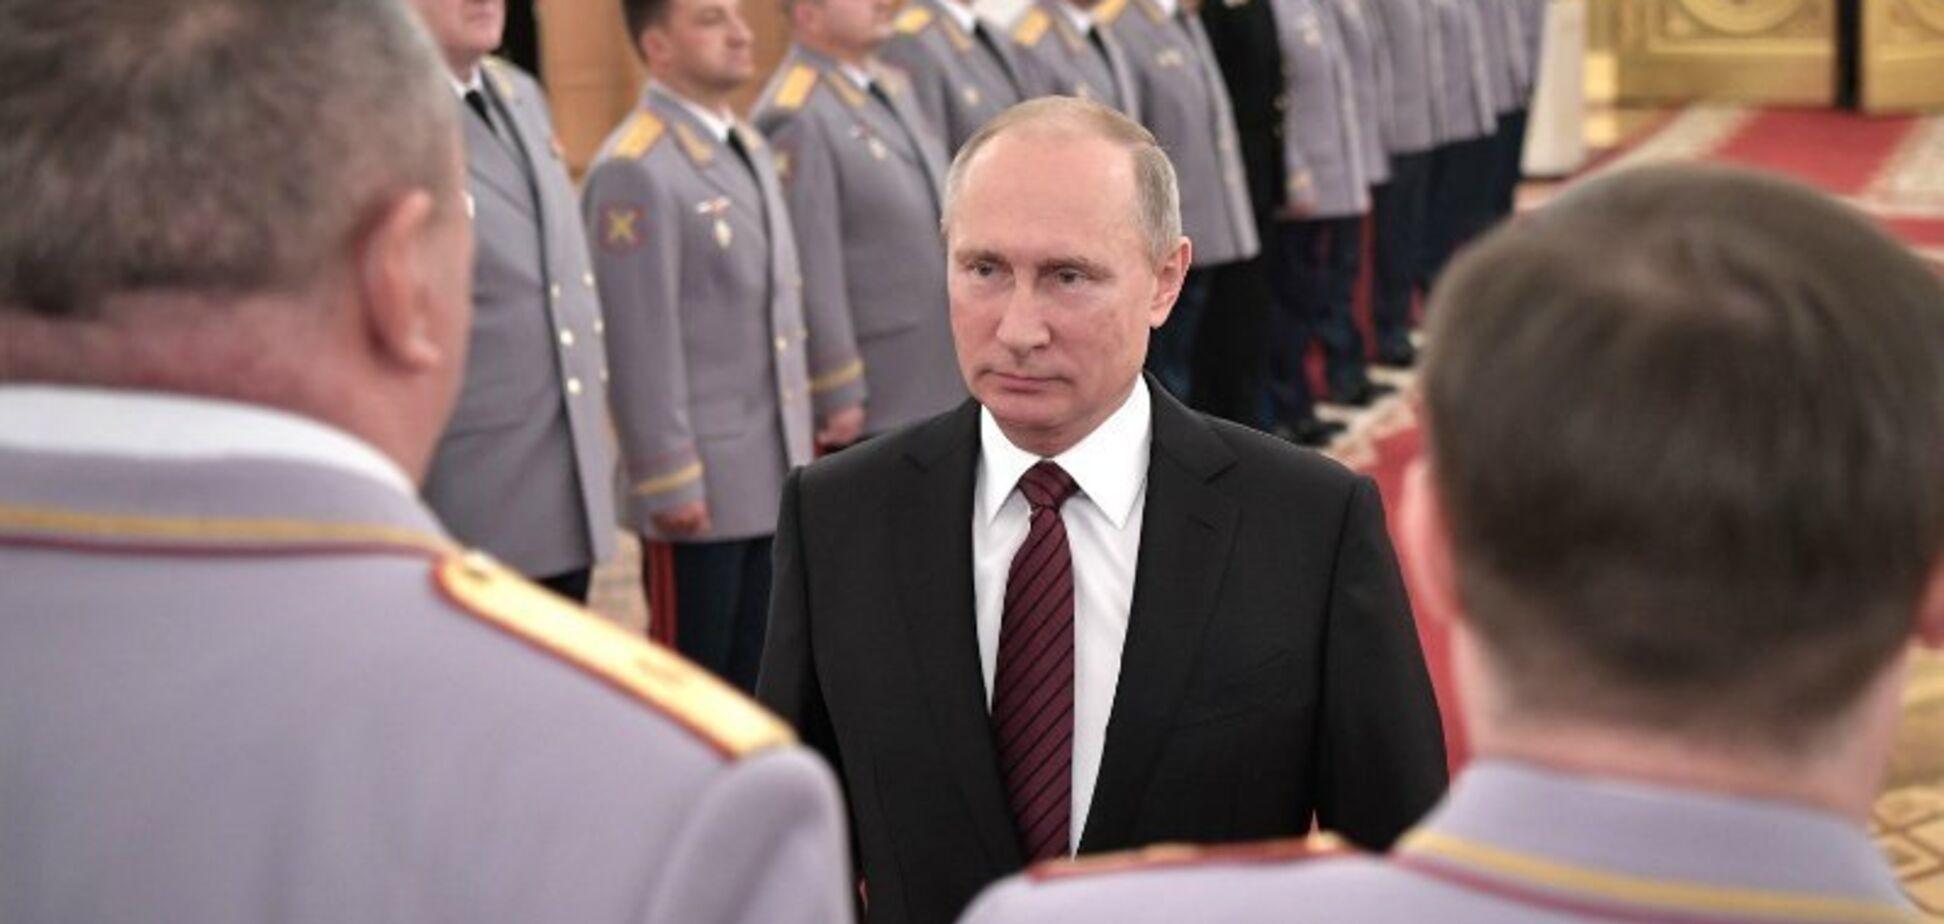 У справу втрутиться Путін? Стало відомо про гучний скандал у лавах російських силовиків